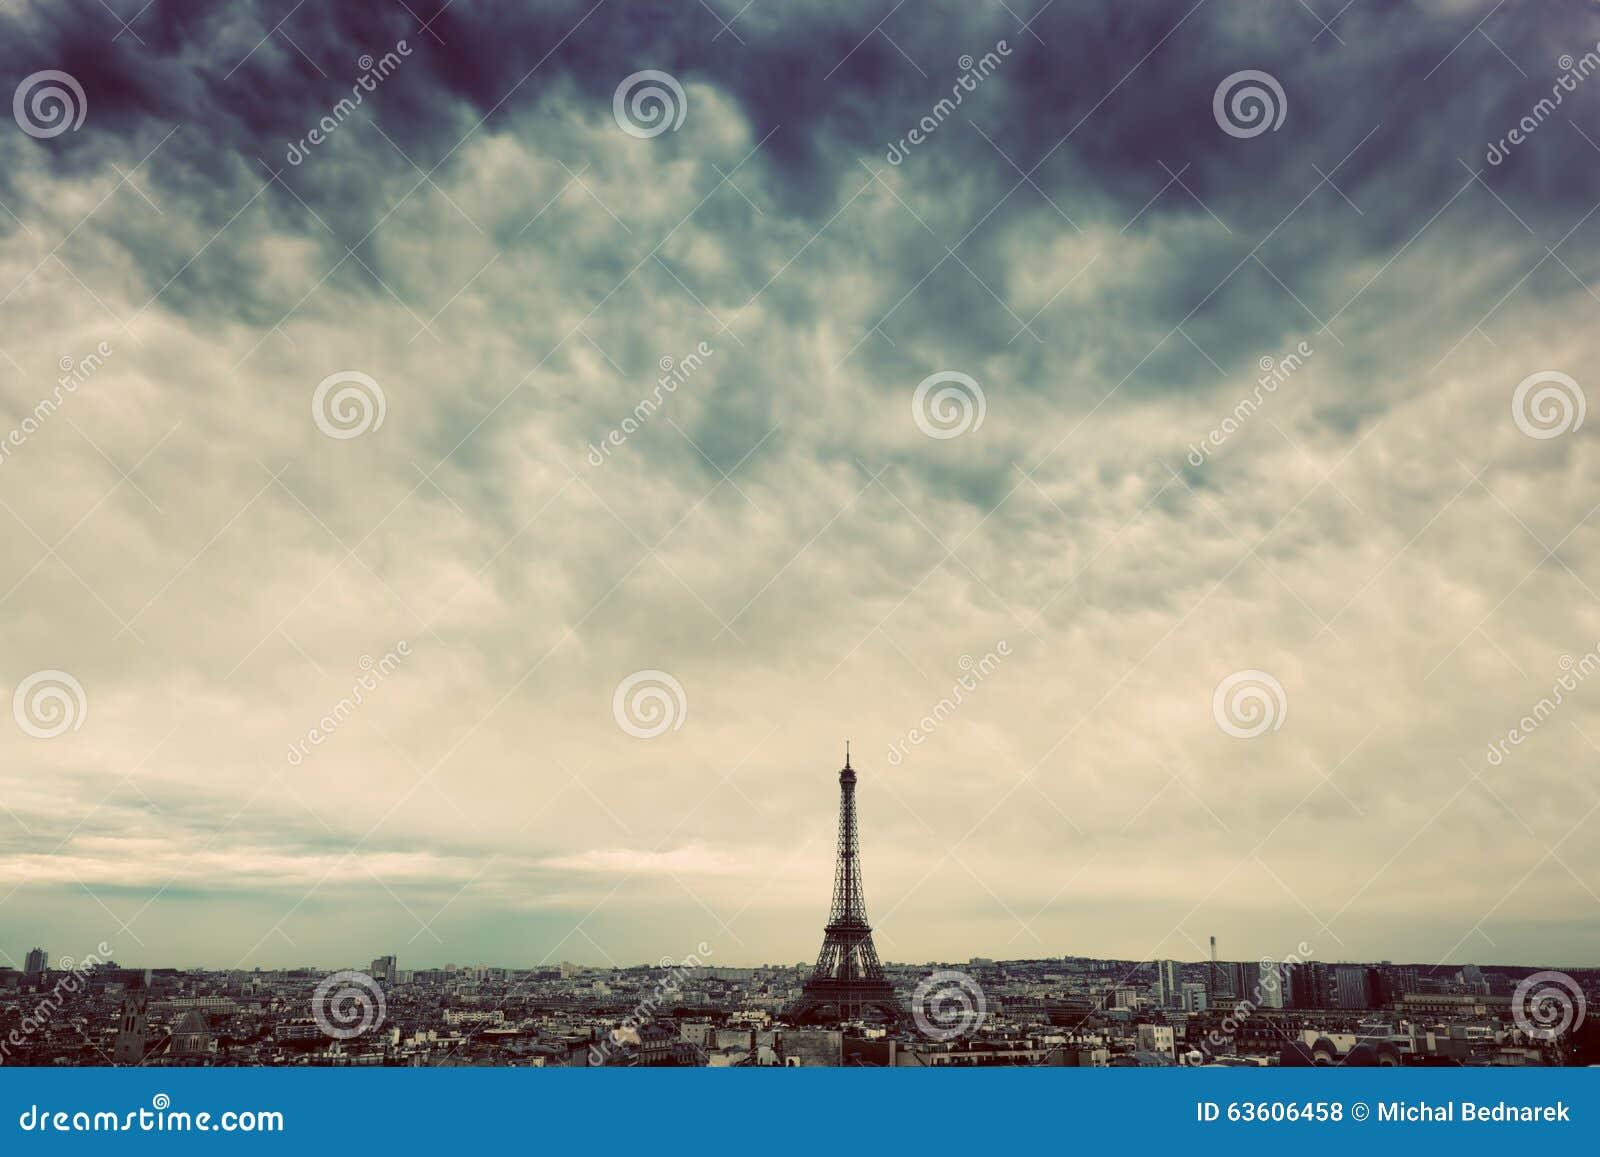 Ορίζοντας του Παρισιού, Γαλλία με τον πύργο του Άιφελ σκοτάδι σύννεφων